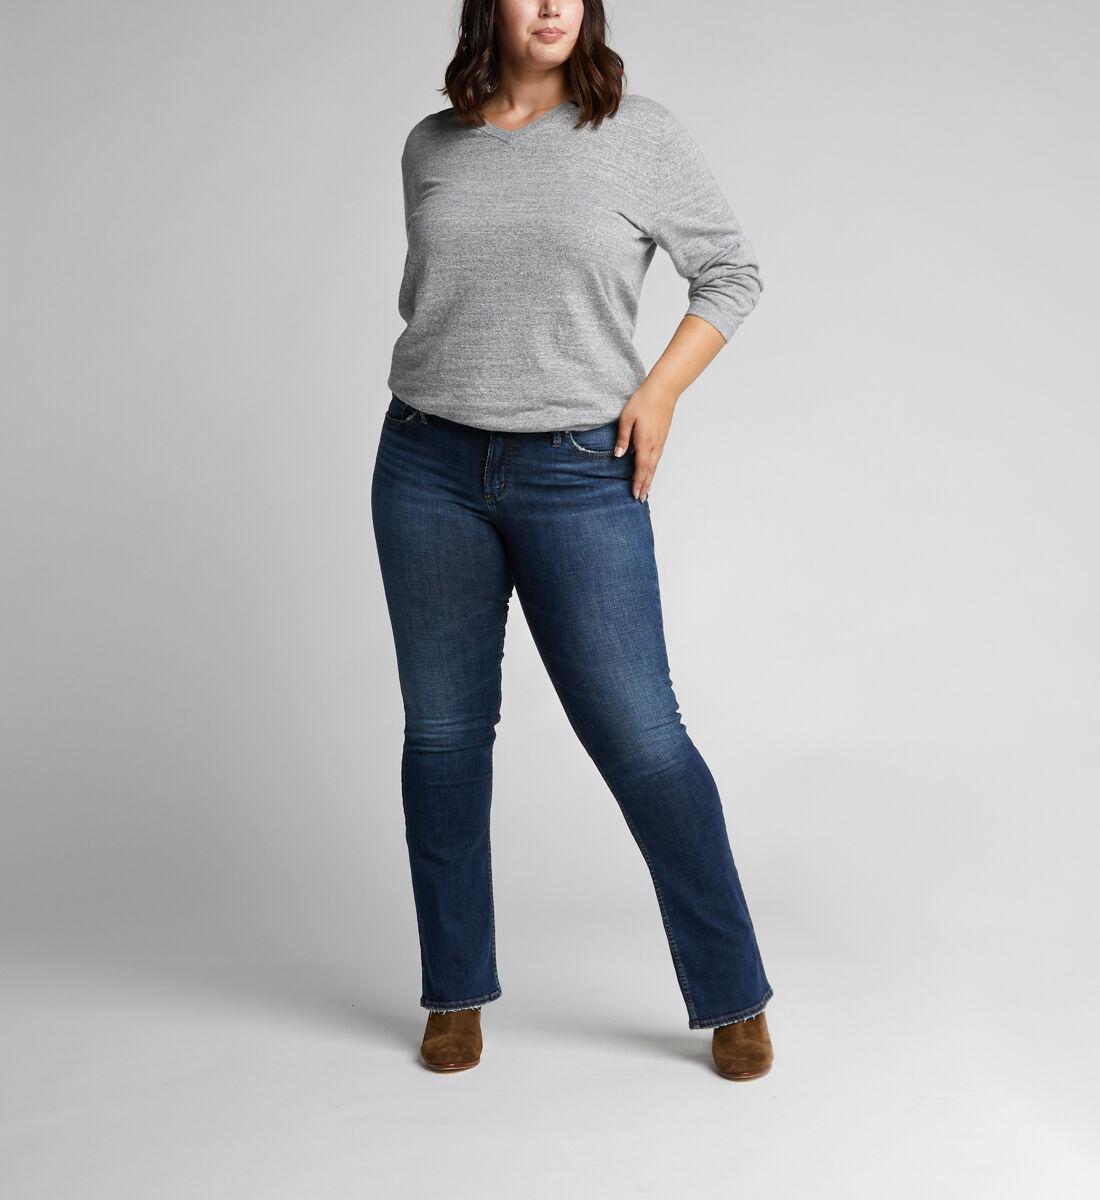 Suki Mid Rise Slim Bootcut Jeans Plus Size Alt Image 1